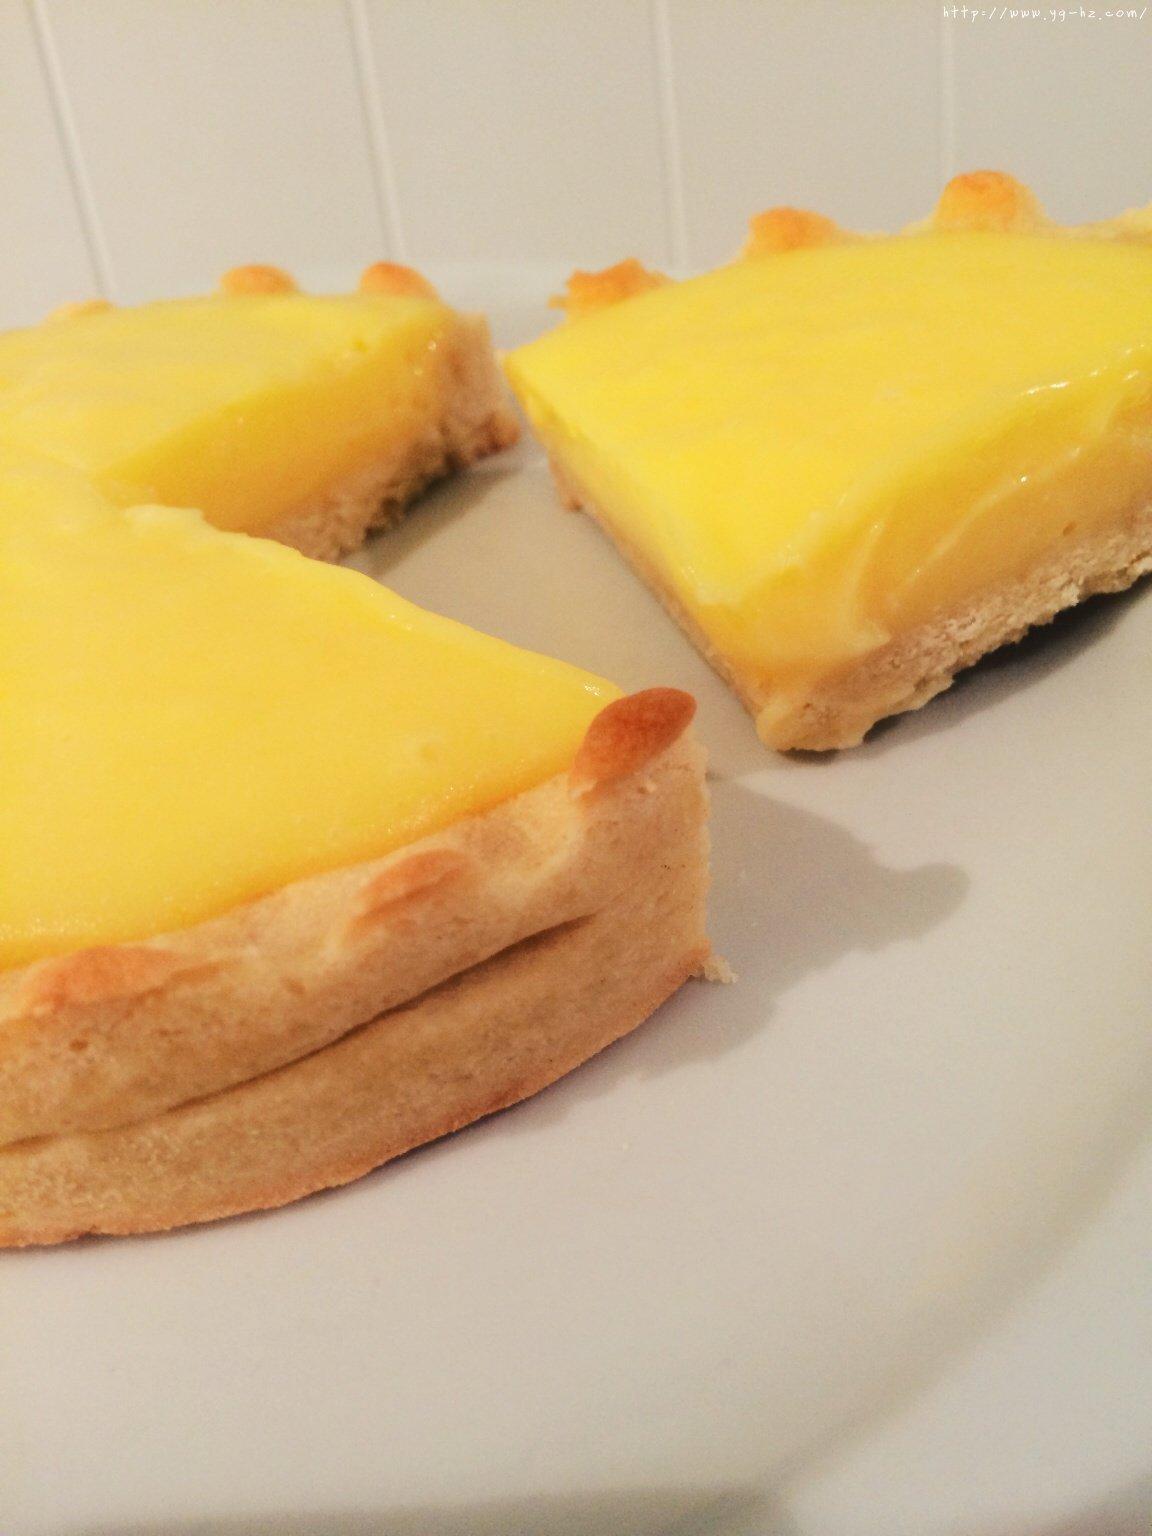 法国甜点师Christophe Felder的柠檬塔的做法 步骤16